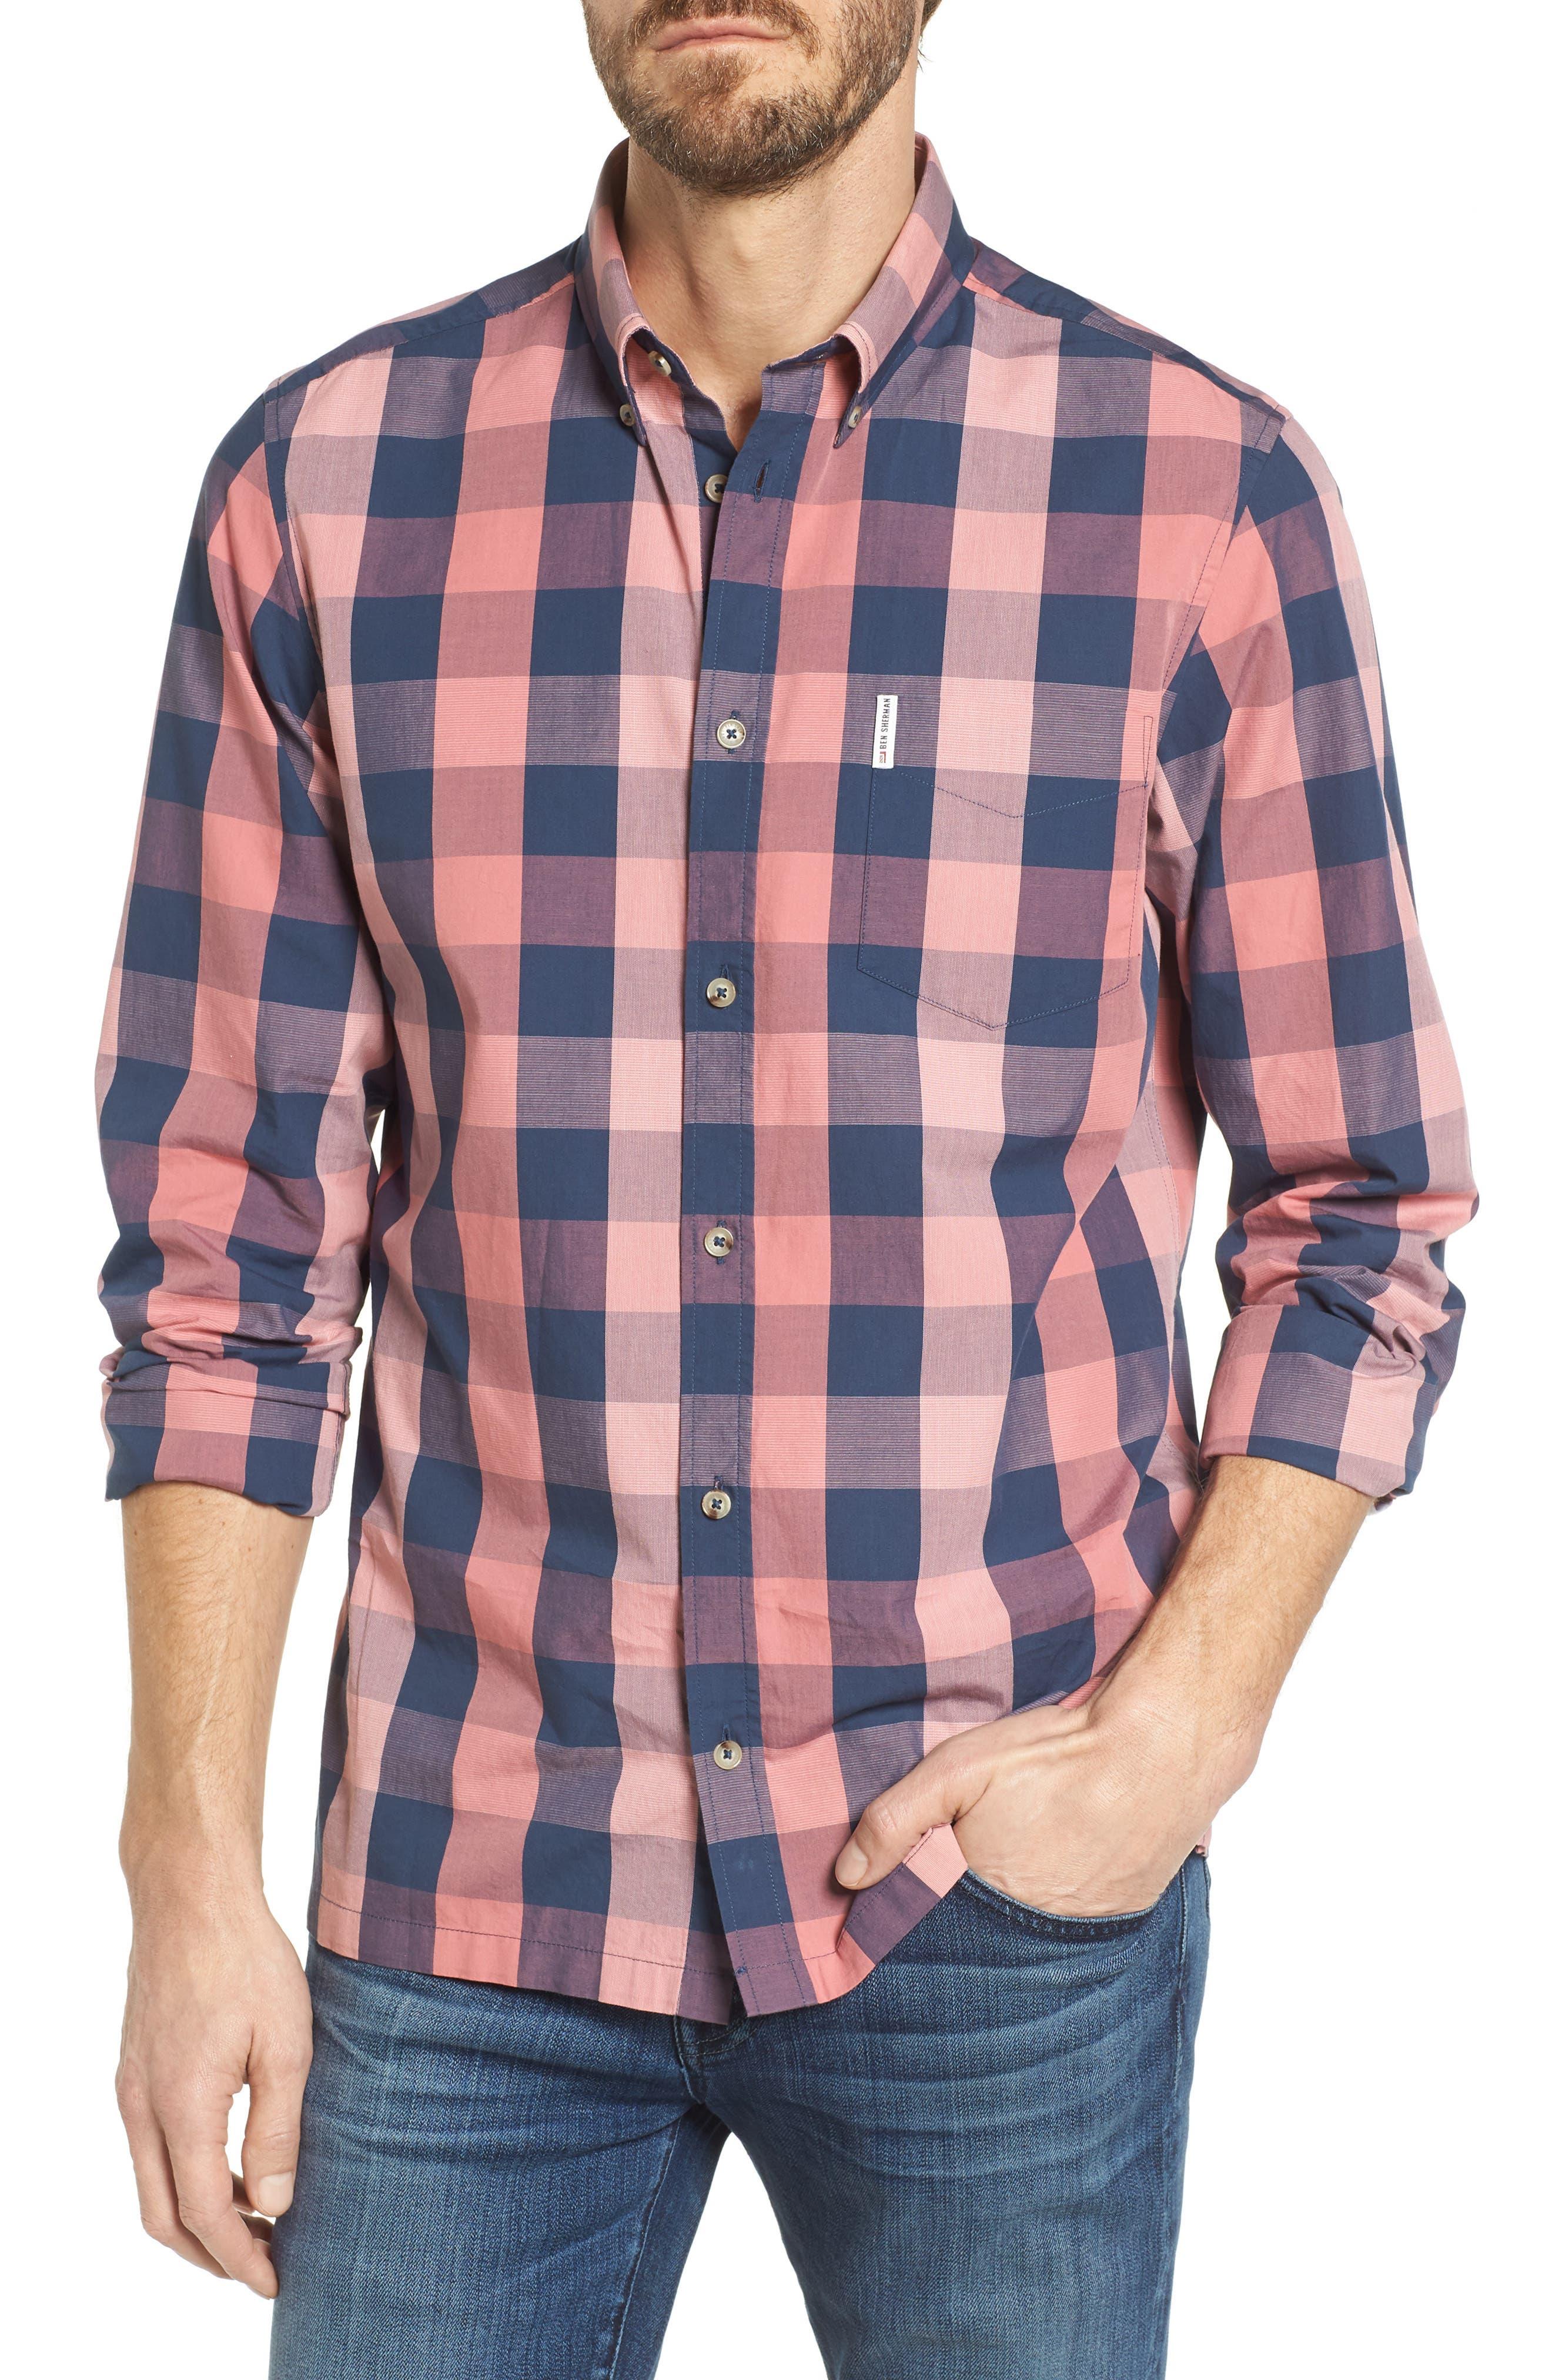 Ben Sherman Buffalo Check Woven Shirt